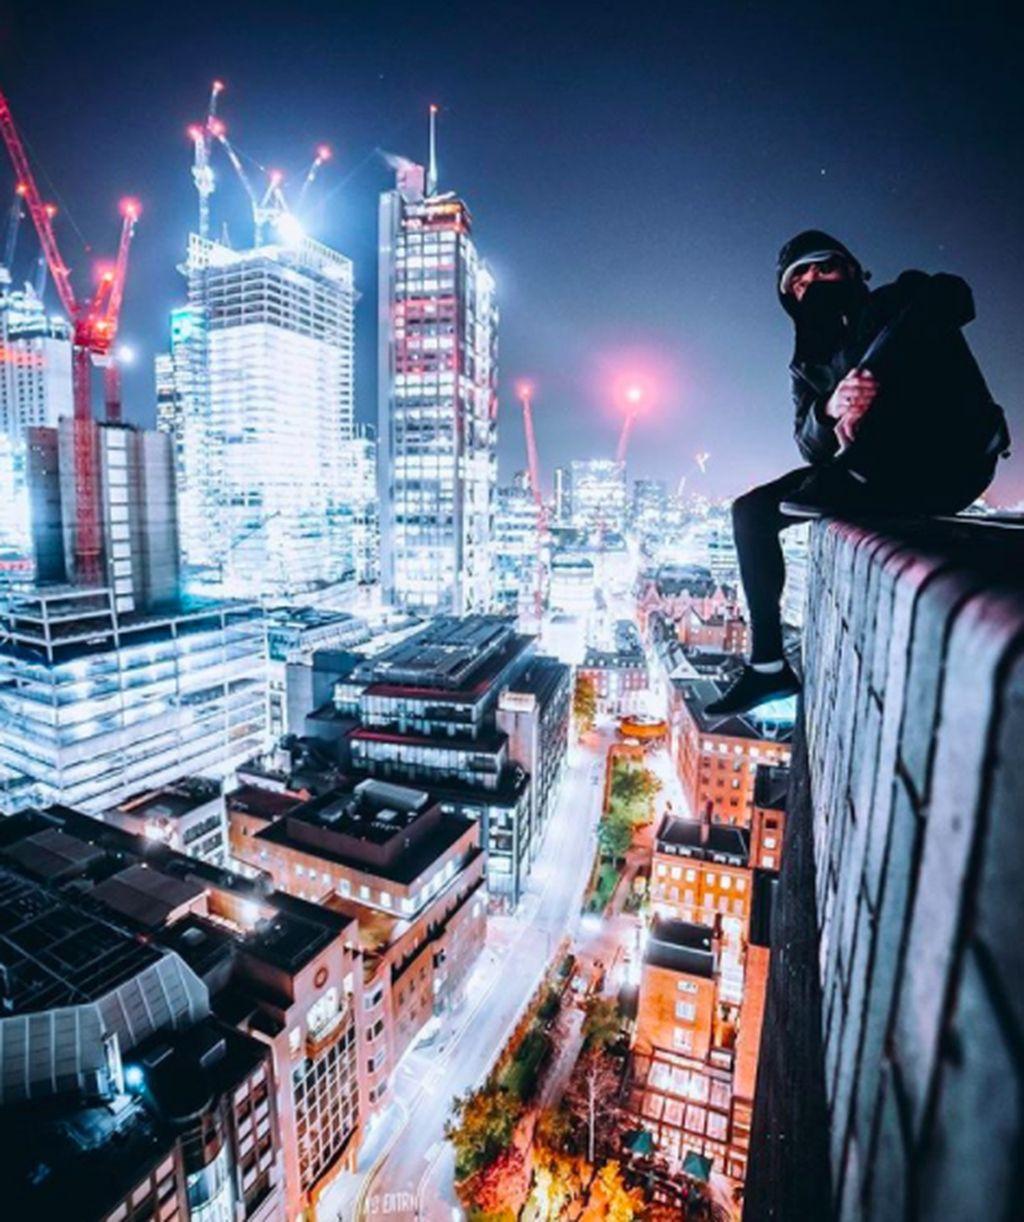 Harry Galagher bermukim di London dan kerap memamerkan aksinya berpose di ketinggian gedung ibukota Inggris itu atau biasa disebut rooftopper. Harry memiliki ratusan ribu follower di Instagram maupun YouTube. Foto: Instagram